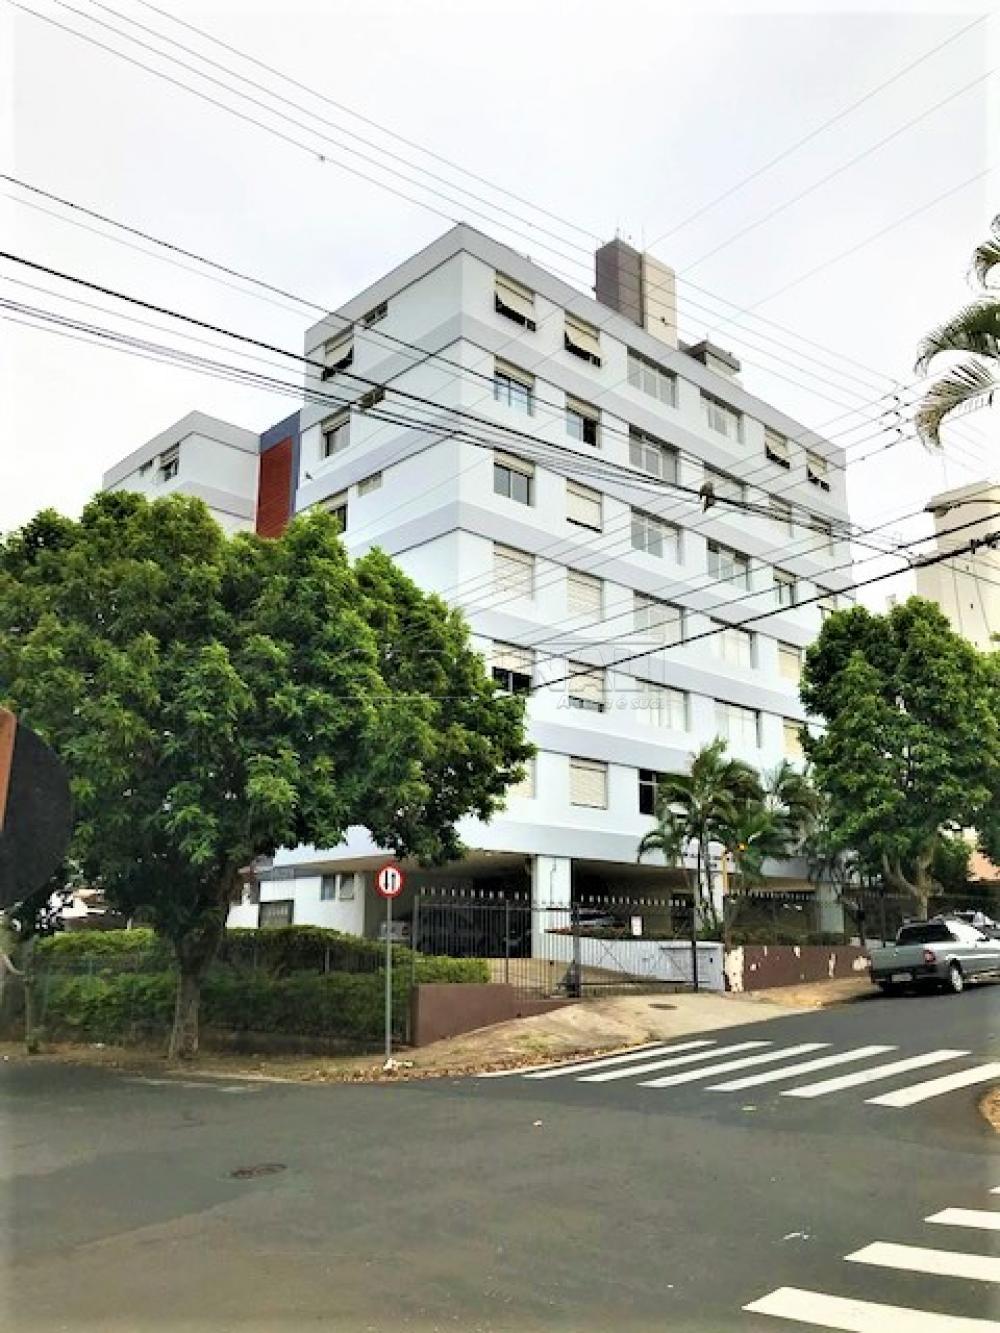 Comprar Apartamento / Padrão em São Carlos R$ 370.000,00 - Foto 1